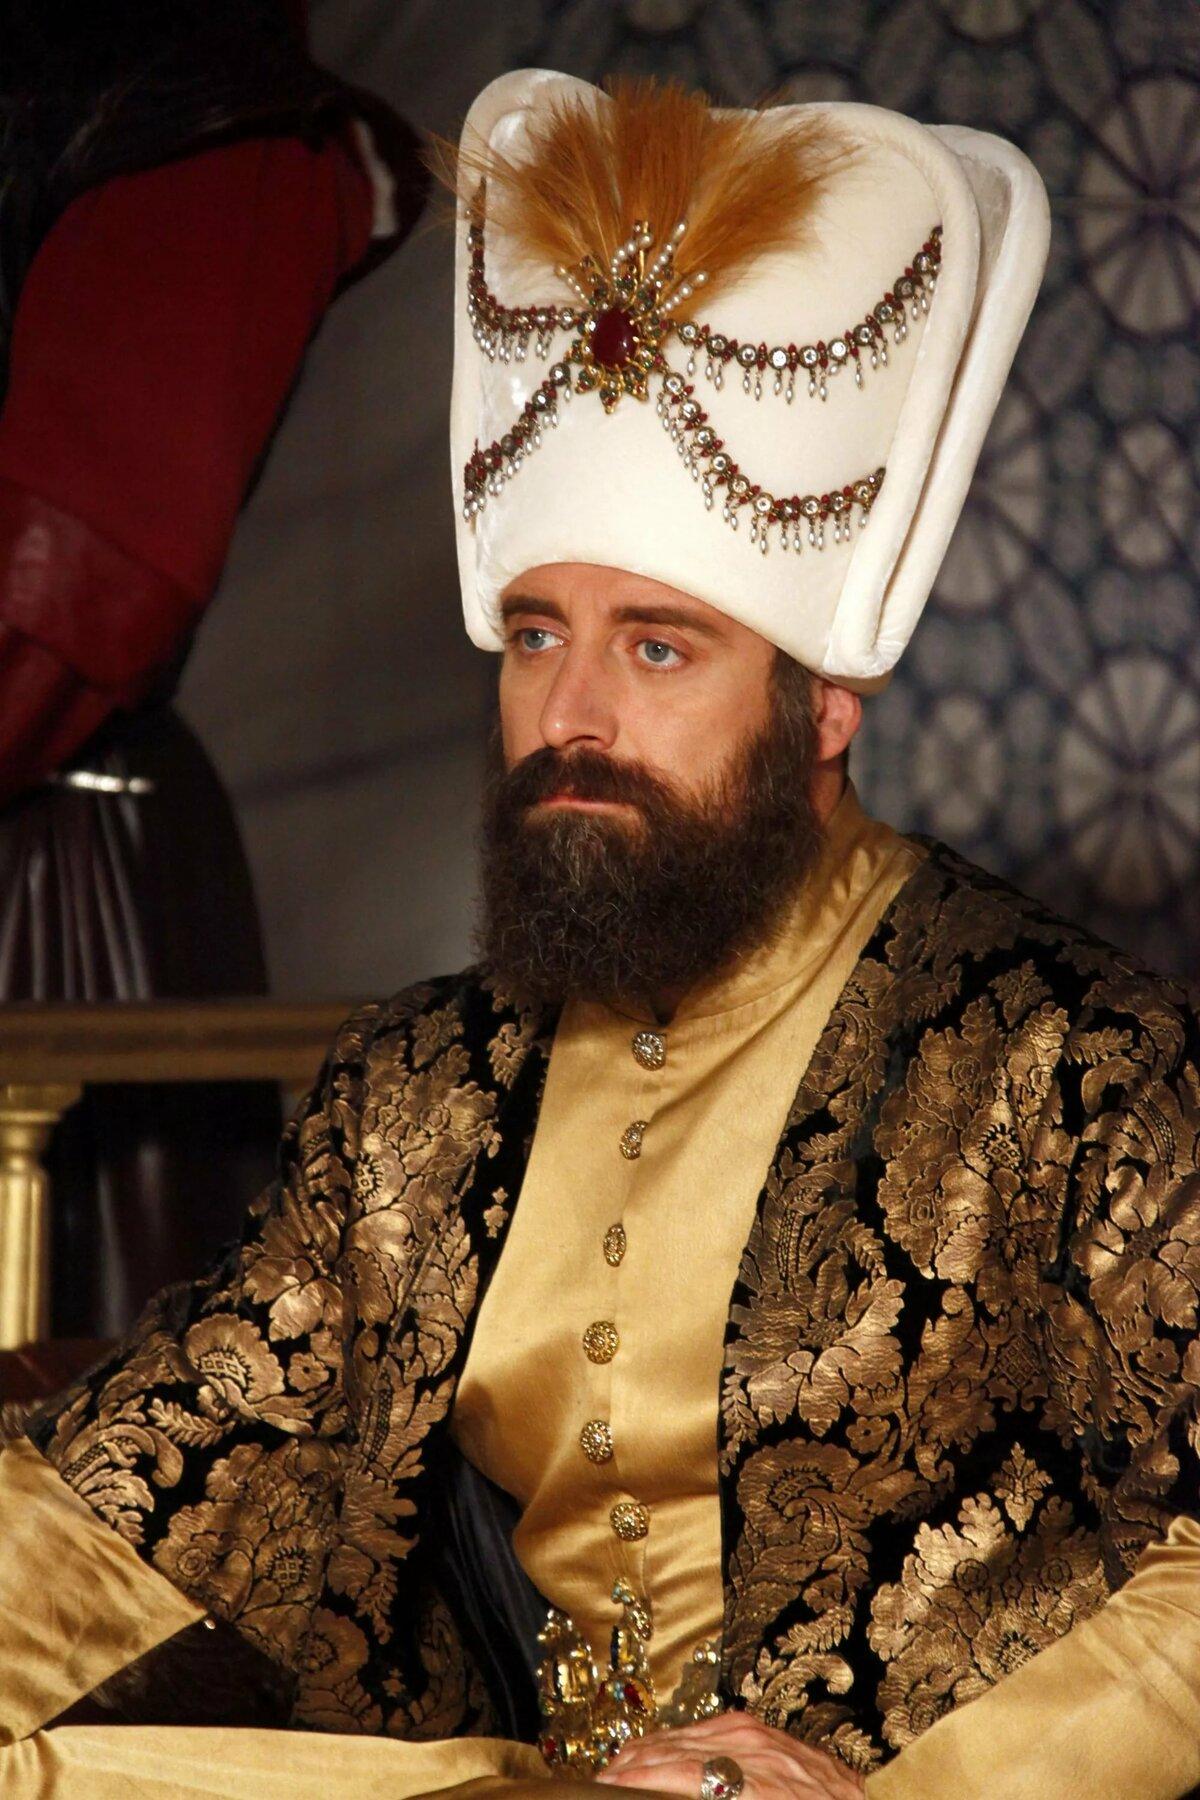 фото последнего султана хищники, поэтому